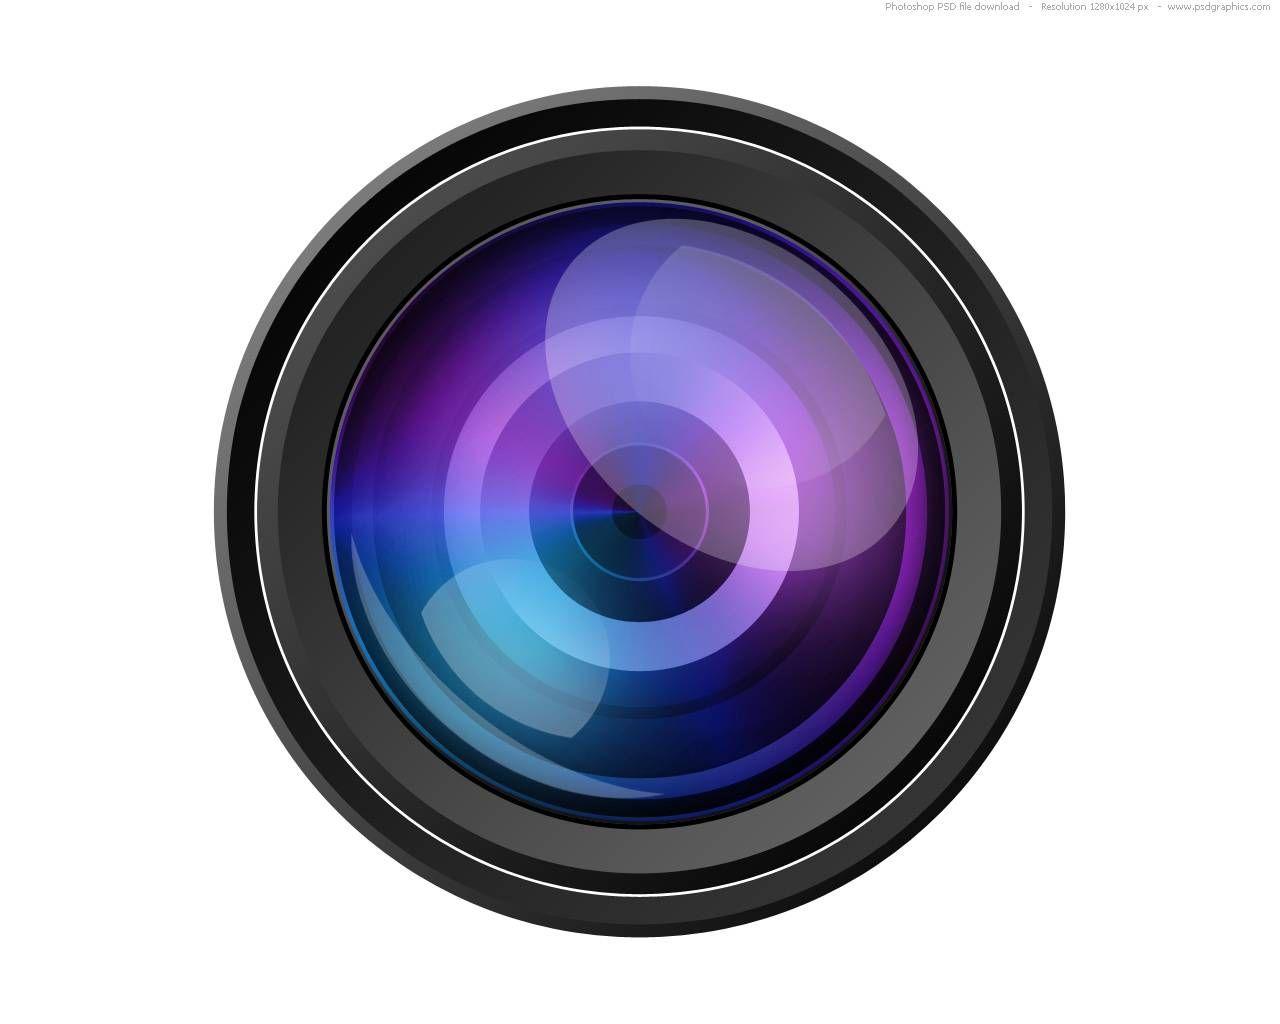 HELP! Preciso de dicas de câmeras fotográficas